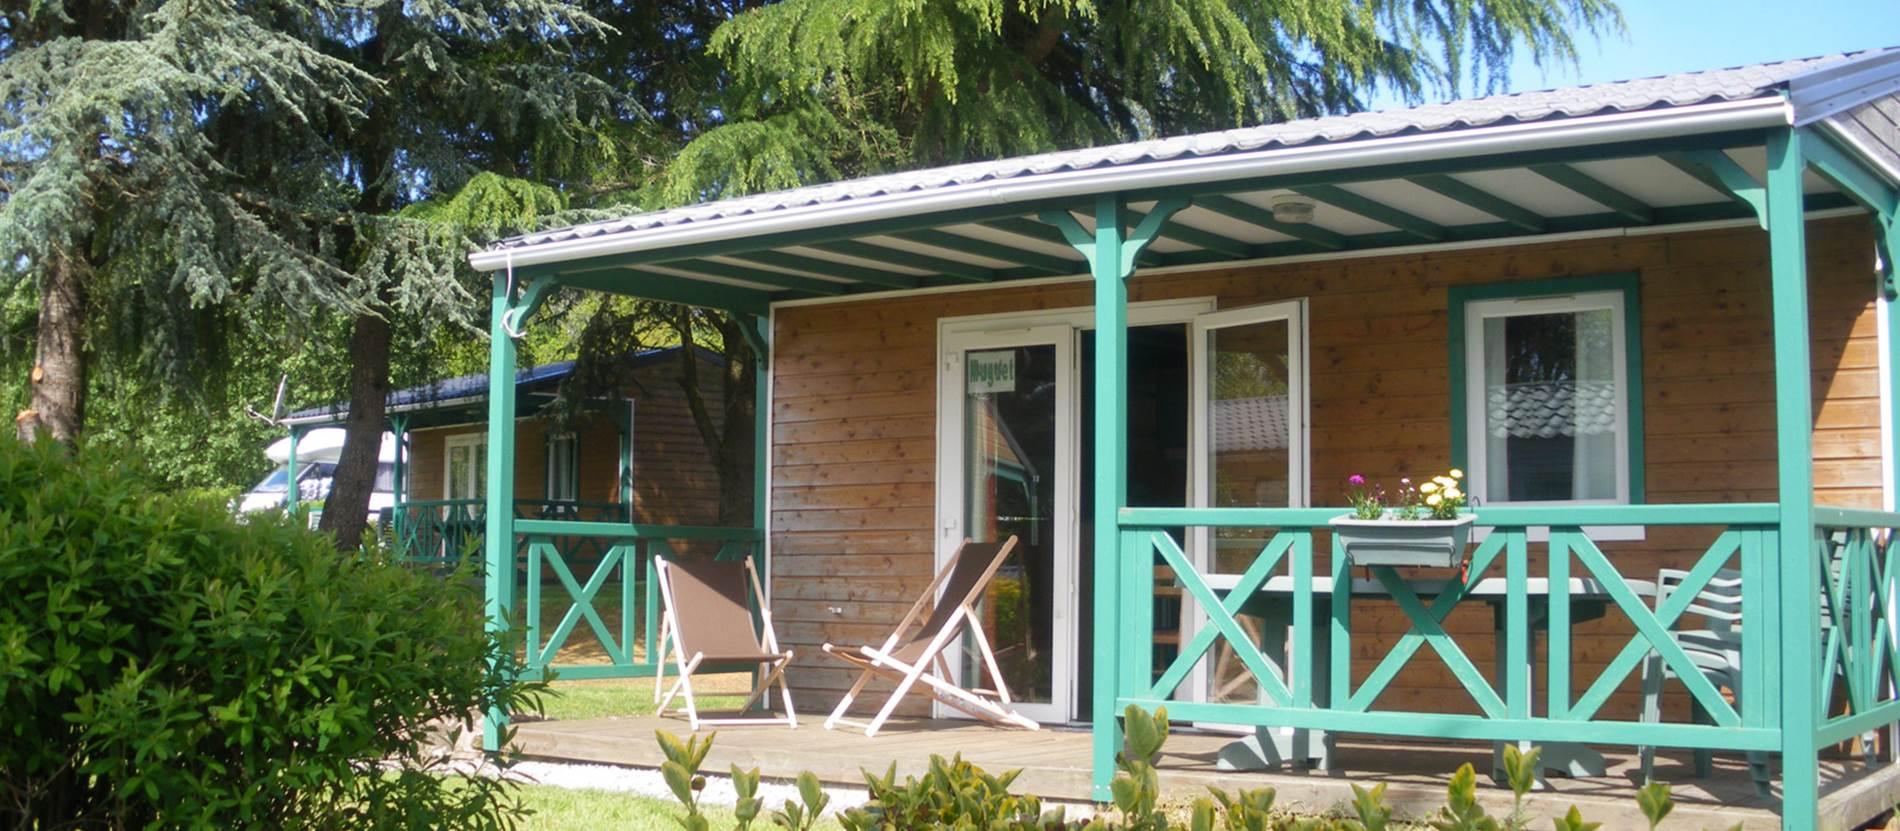 Camping-Le-Clos-du-Blavet-Bieuzy-Morbihan-Bretagne-Sud © Camping-Le-Clos-du-Blavet-Bieuzy